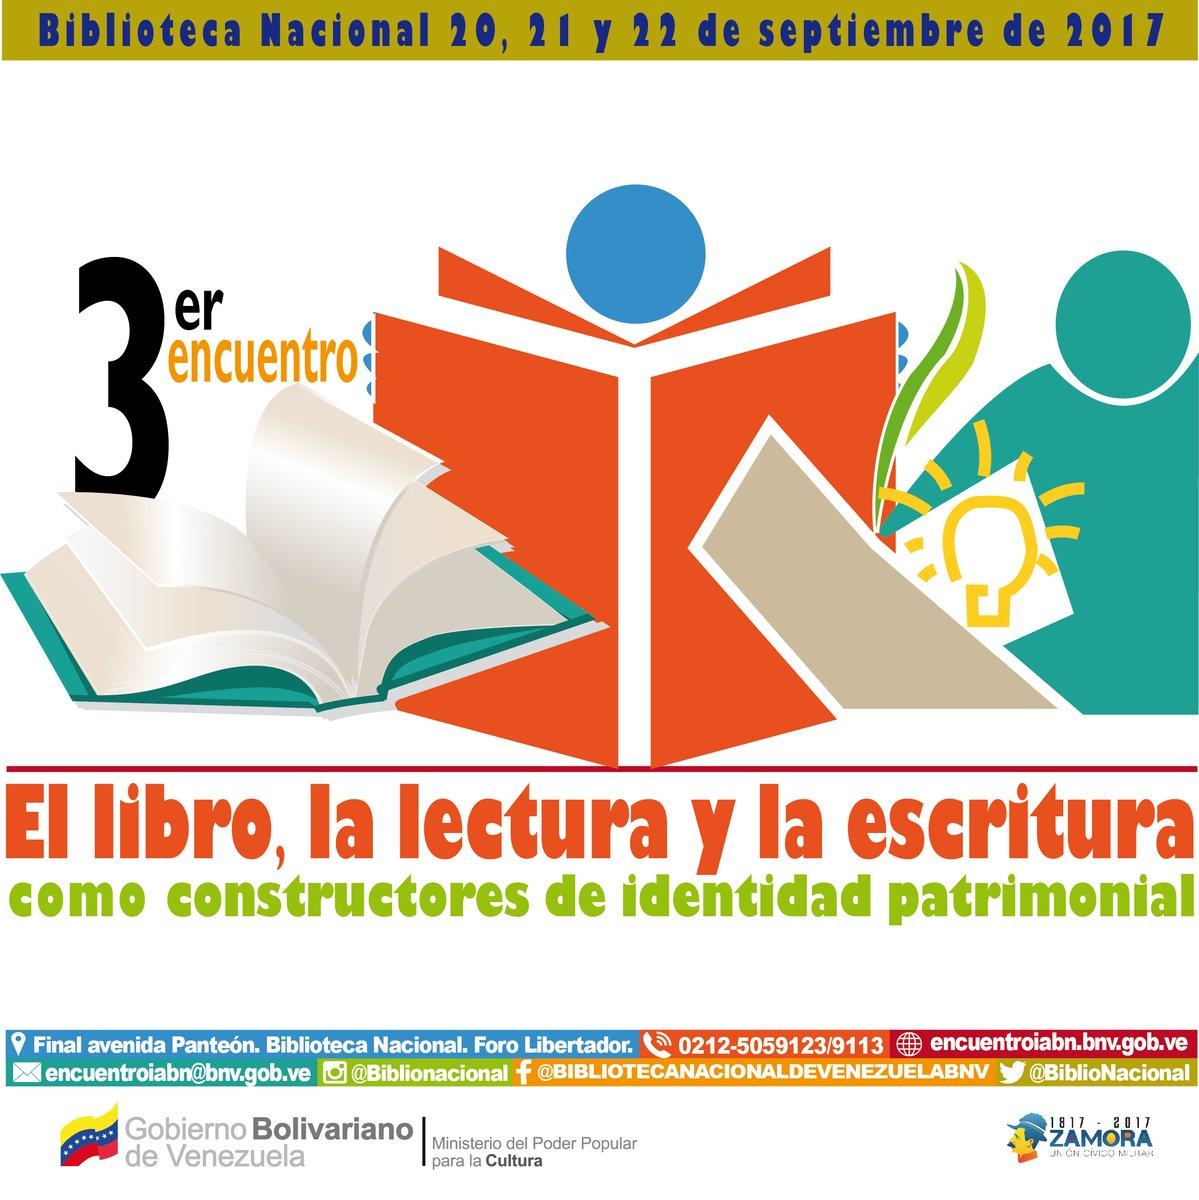 3erEncuentro:El libro, la lectura y la escritura como constructores de la identidad patrimonial